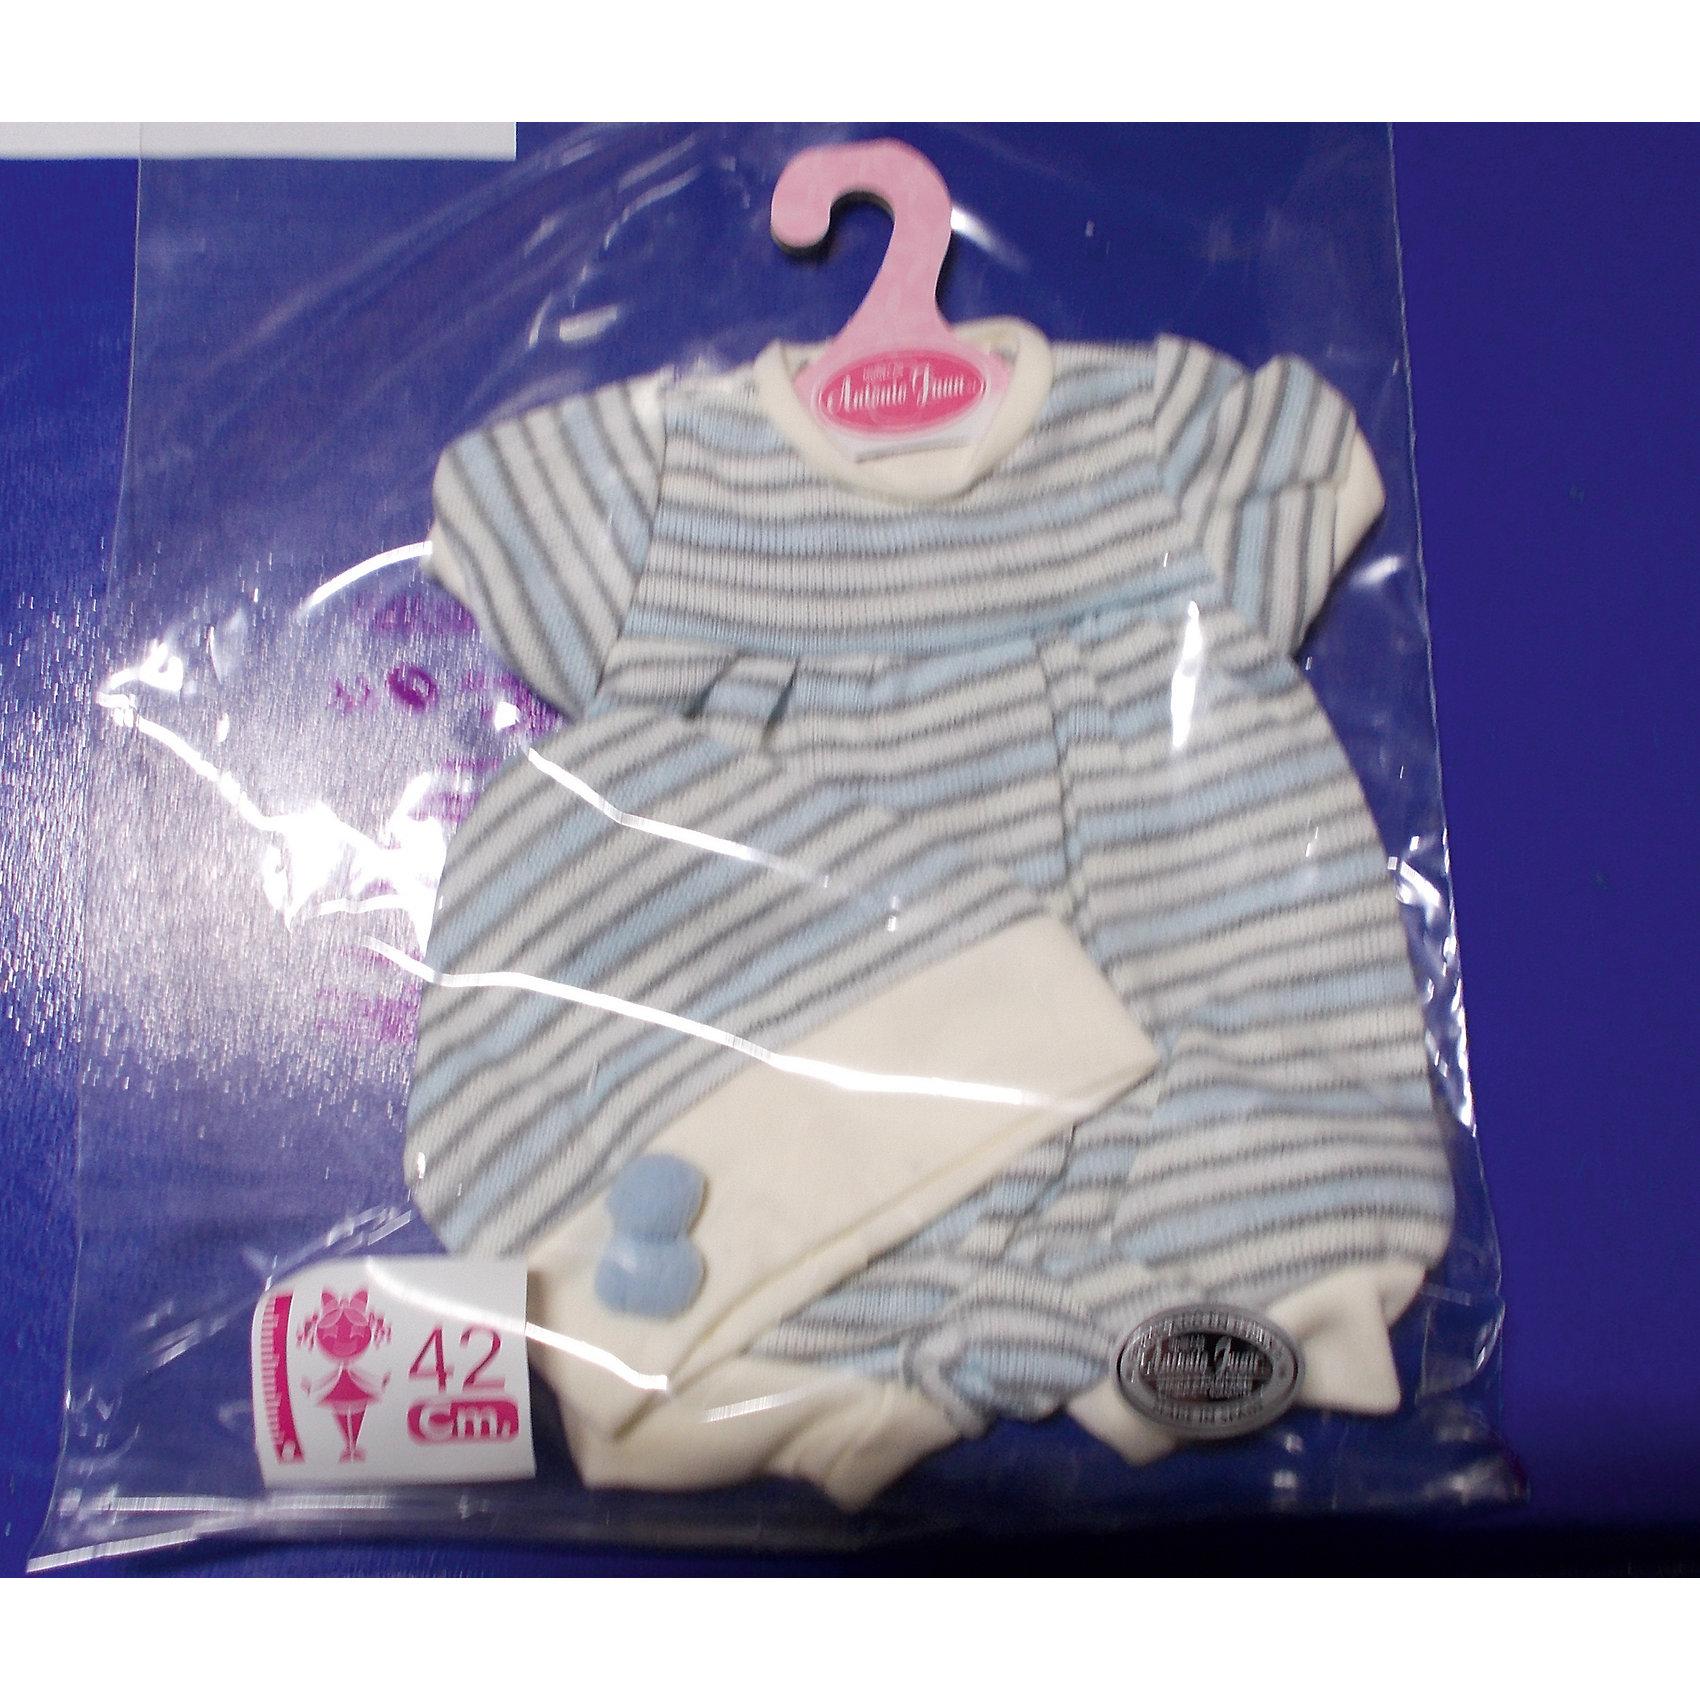 Munecas Antonio Juan Одежда для кукол высотой 42 см, Munecas Antonio Juan куклы и одежда для кукол bayer малышка первый поцелуй 42 см